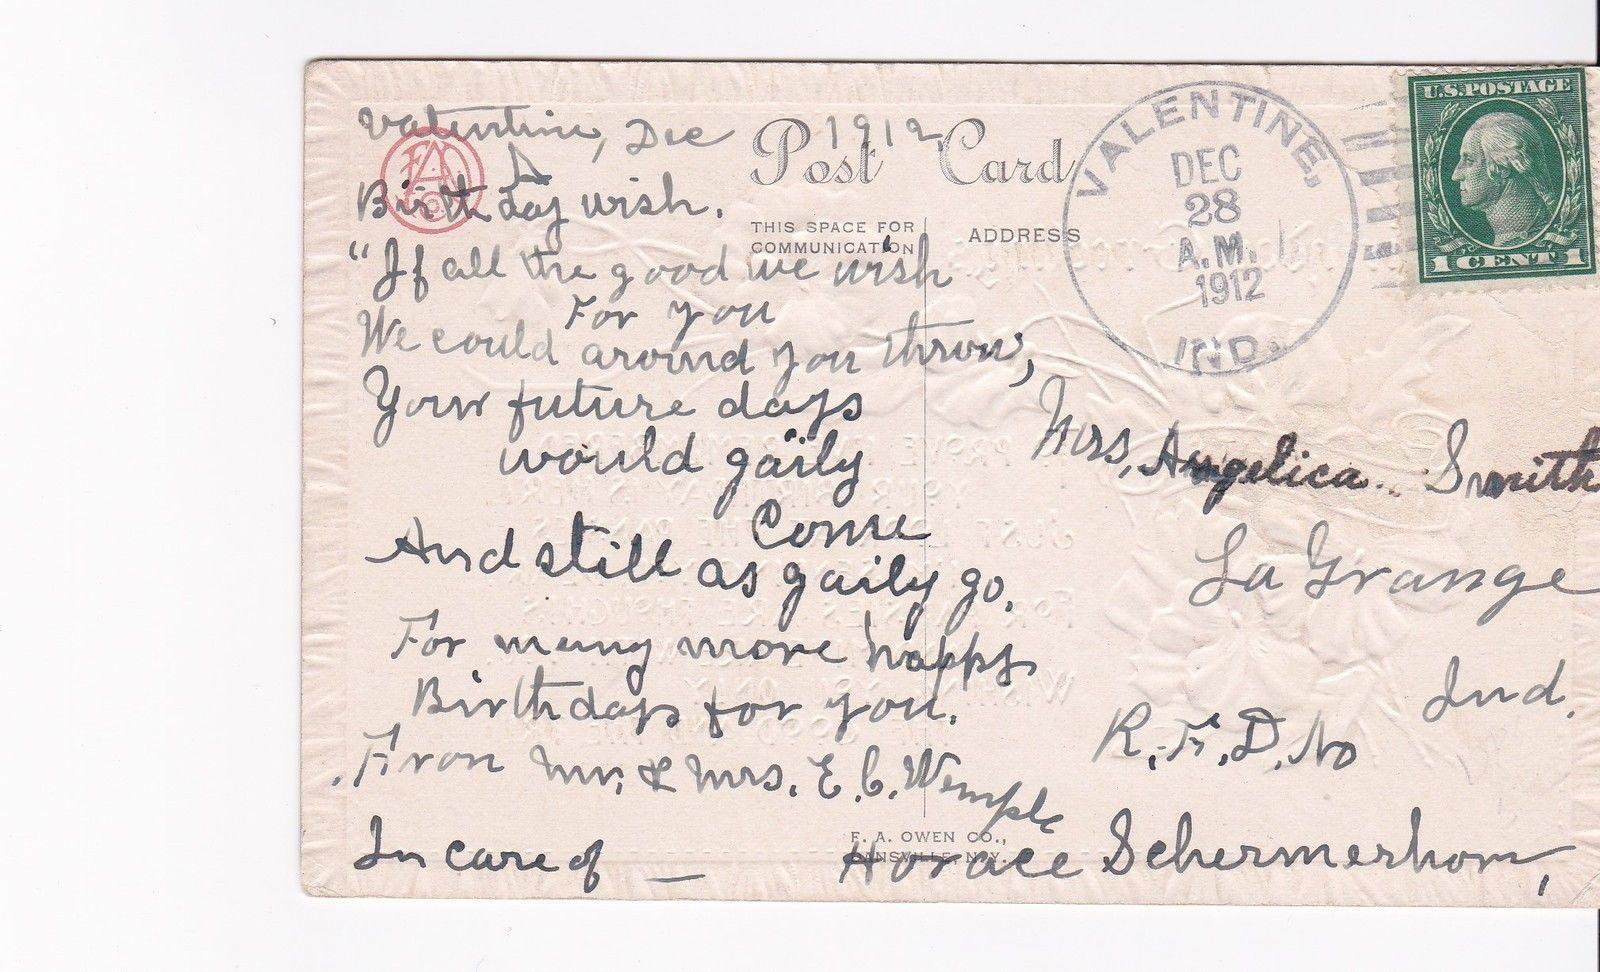 BIRTHDAY GREETINGS VINTAGE POSTCARD VALENTINE, IND DECEMBER 28, 1912